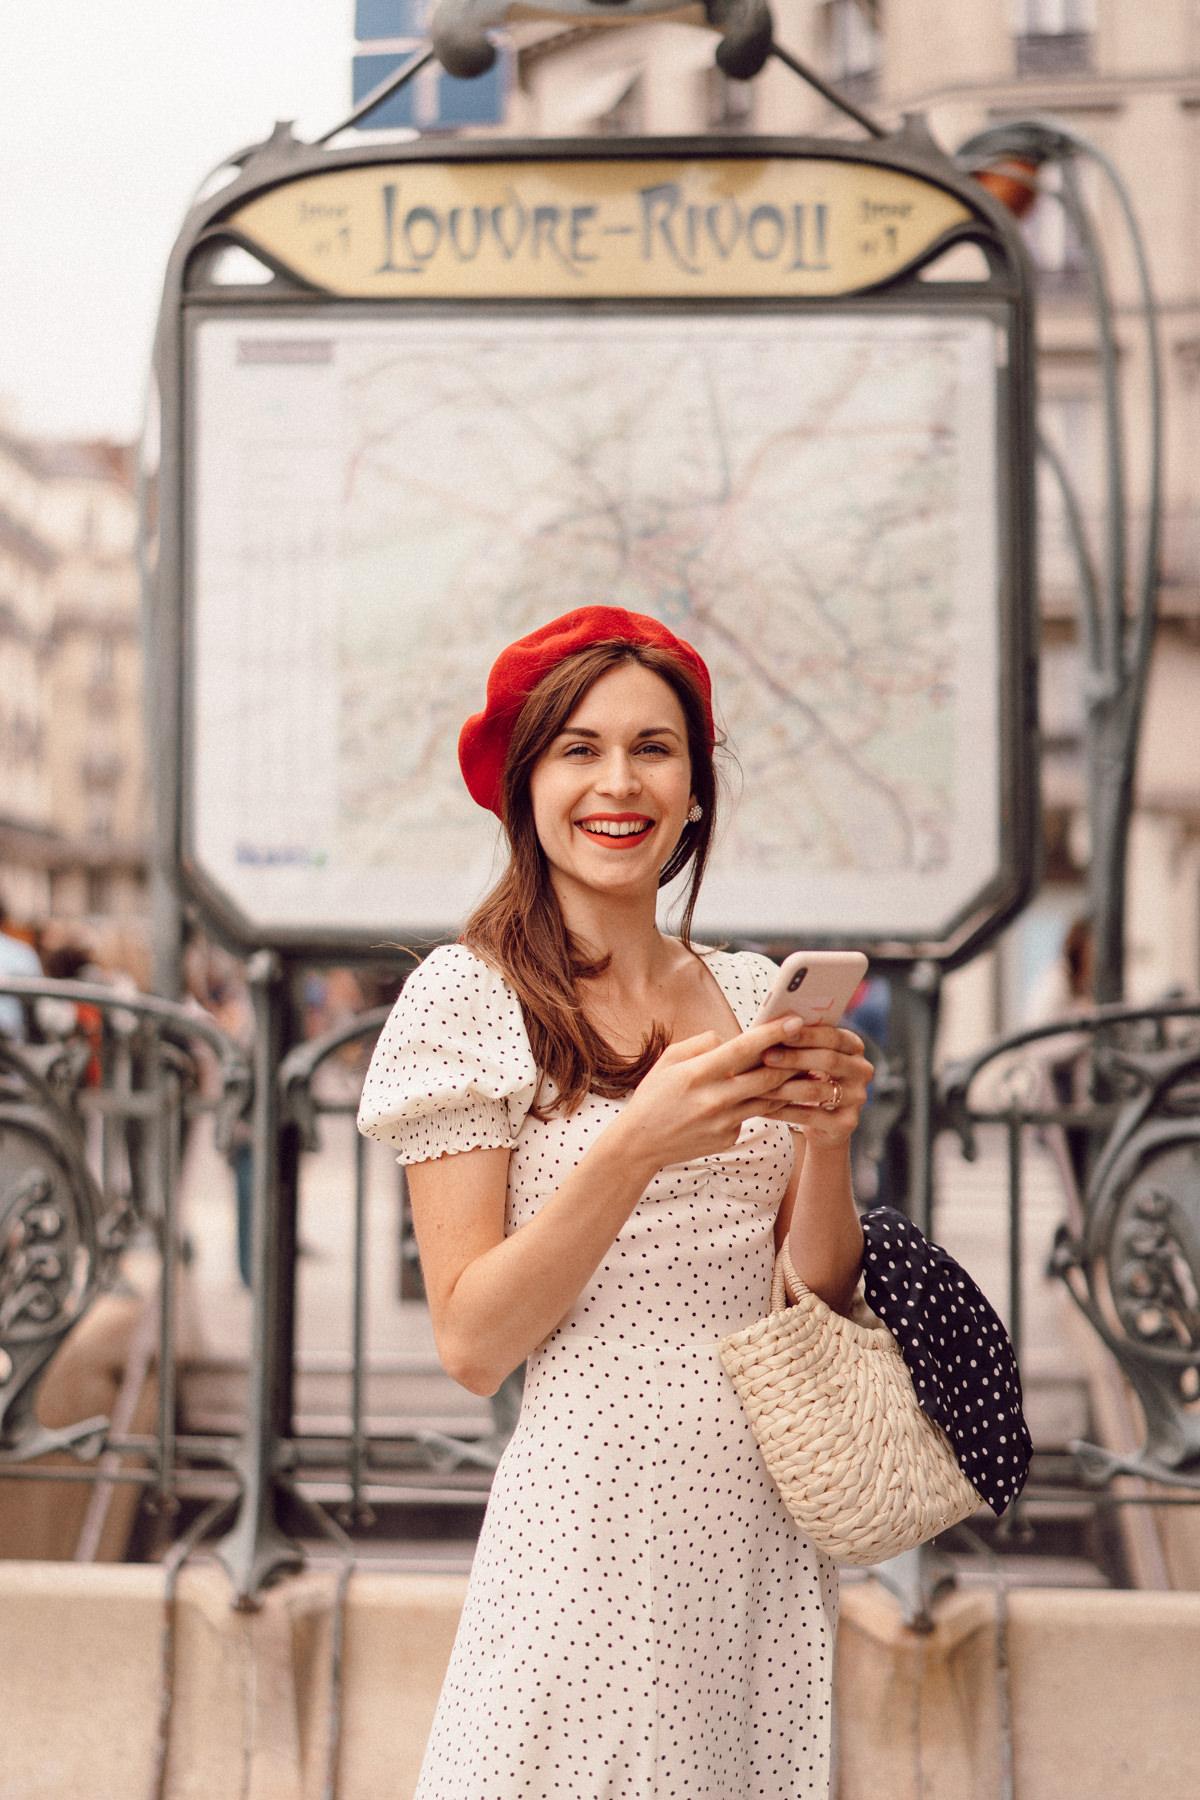 Exklusives Herbstinterview mit dem eleganten Pariser Influencerin Daphné Moreau - Fashion, Beauty & Lifestyle